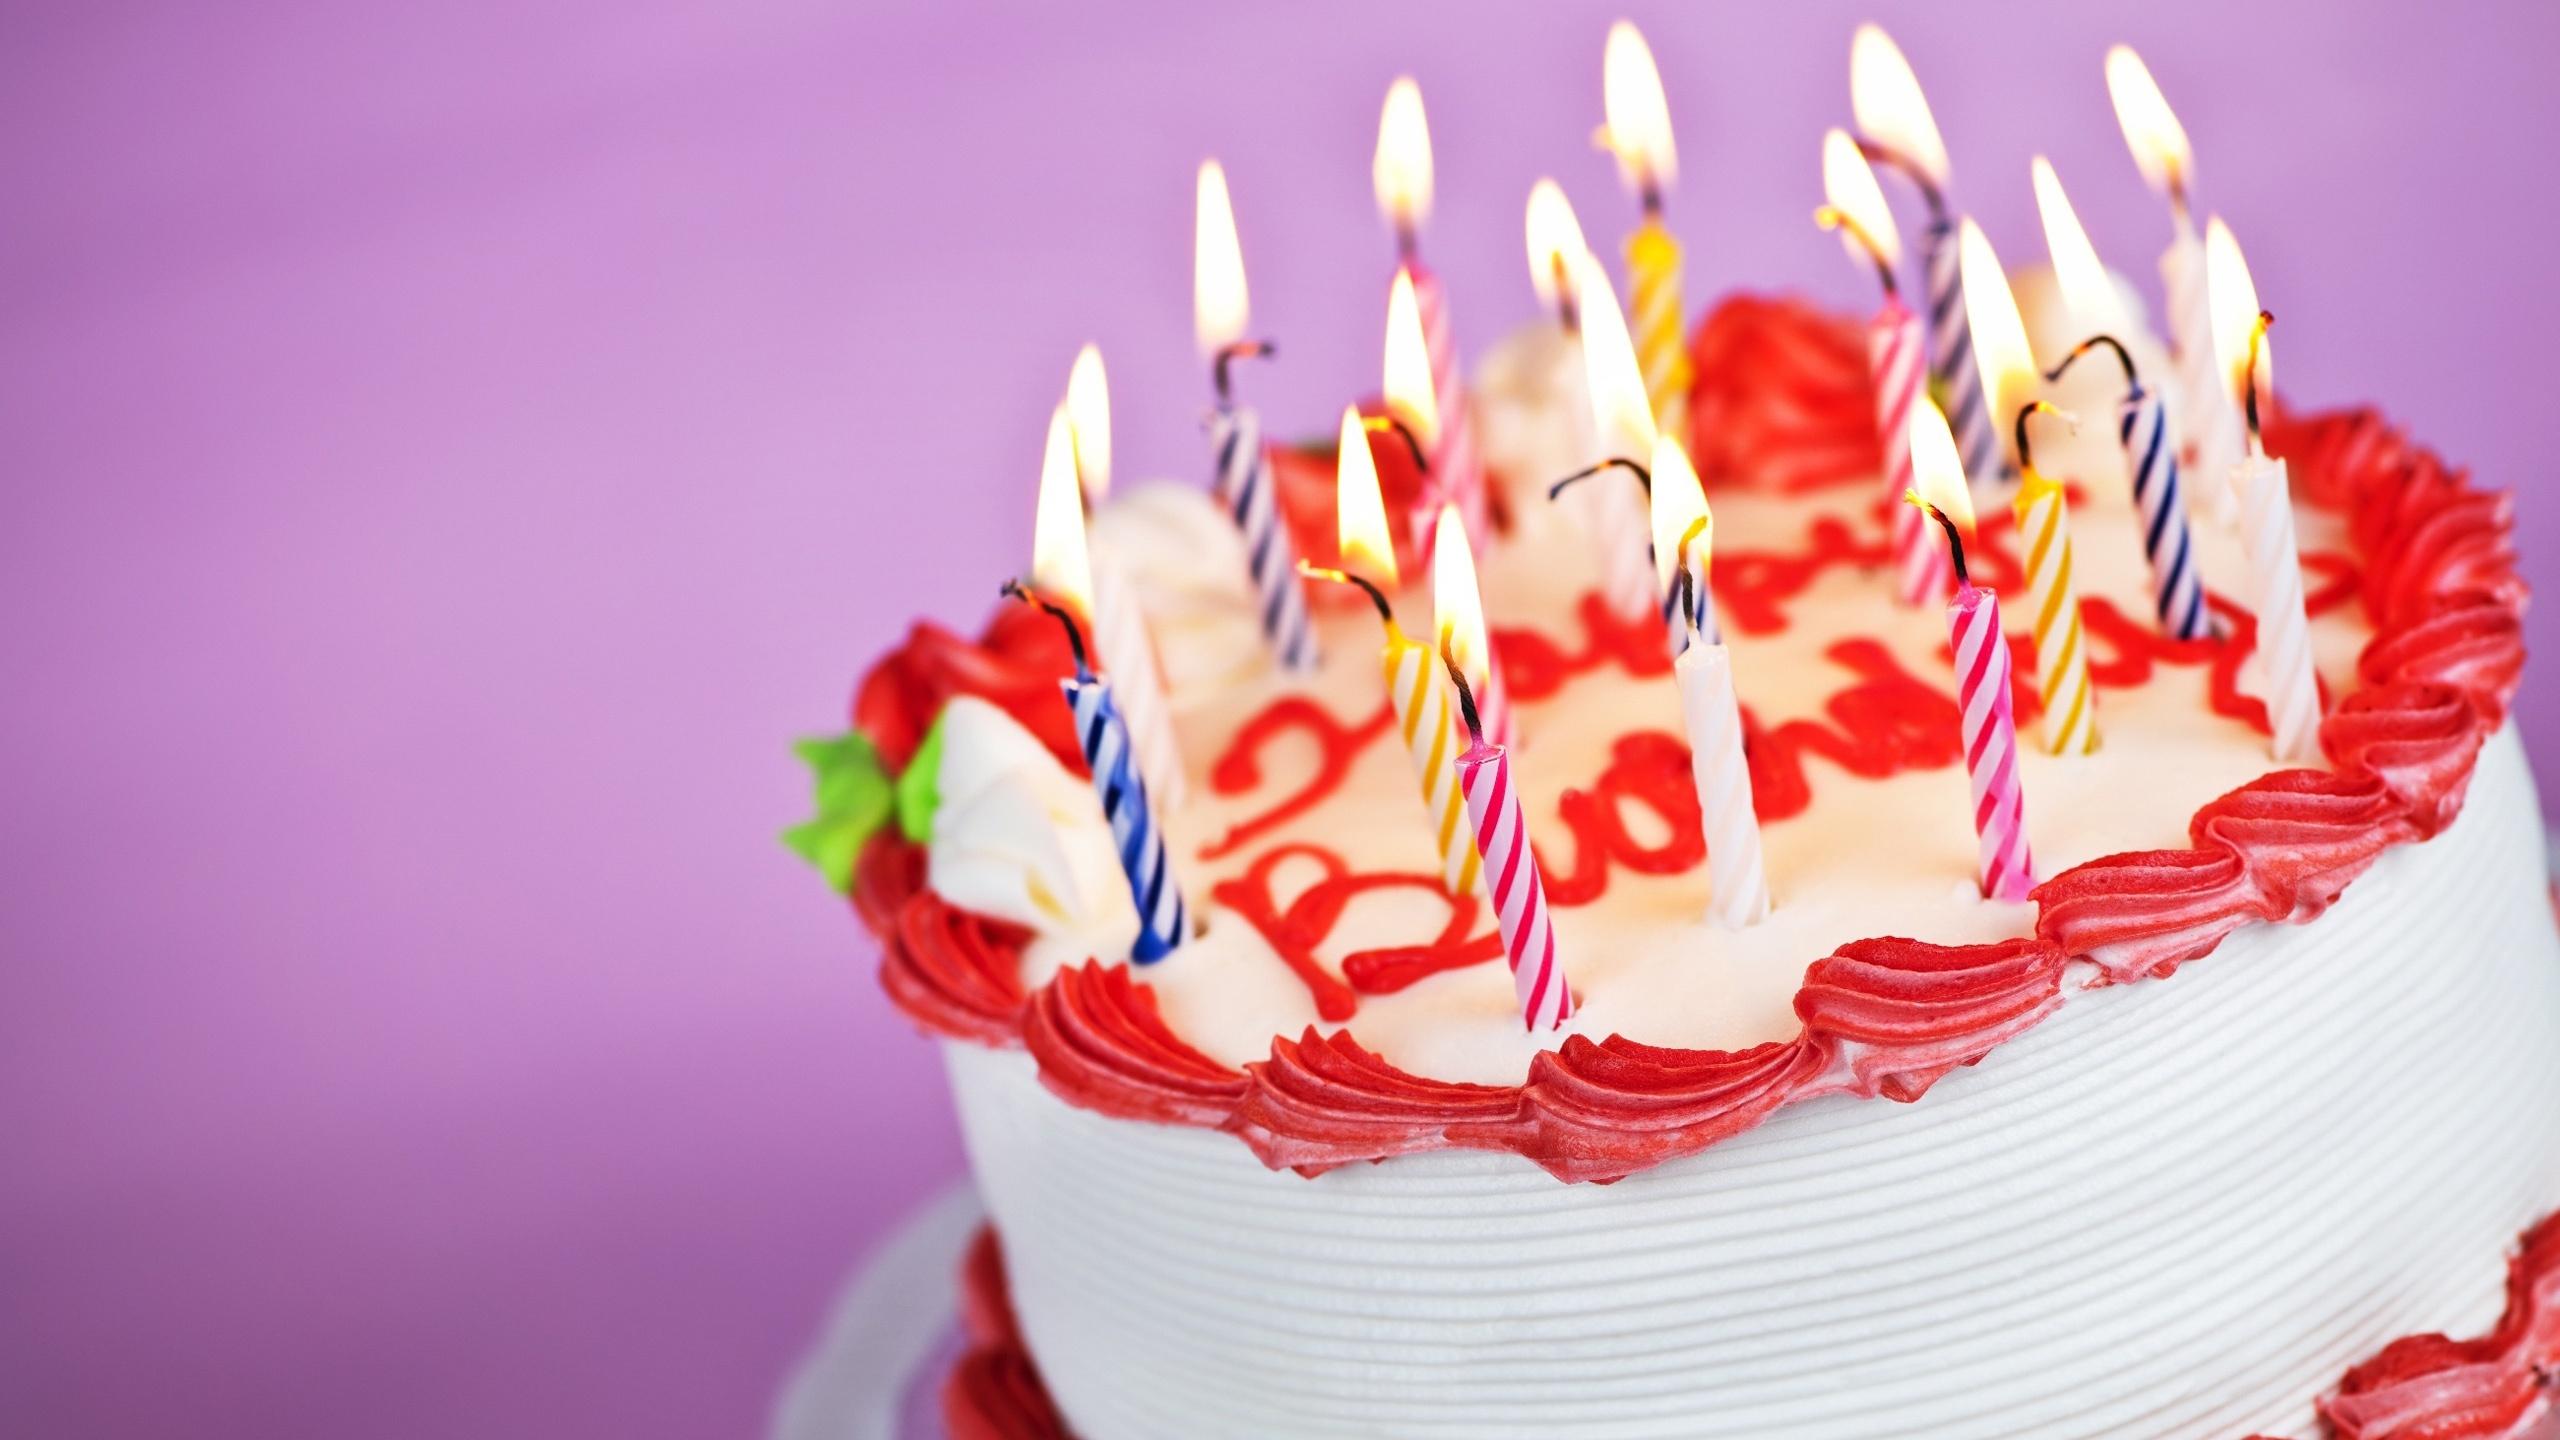 Торт со свечами открытка с днем рождения маме или плакат